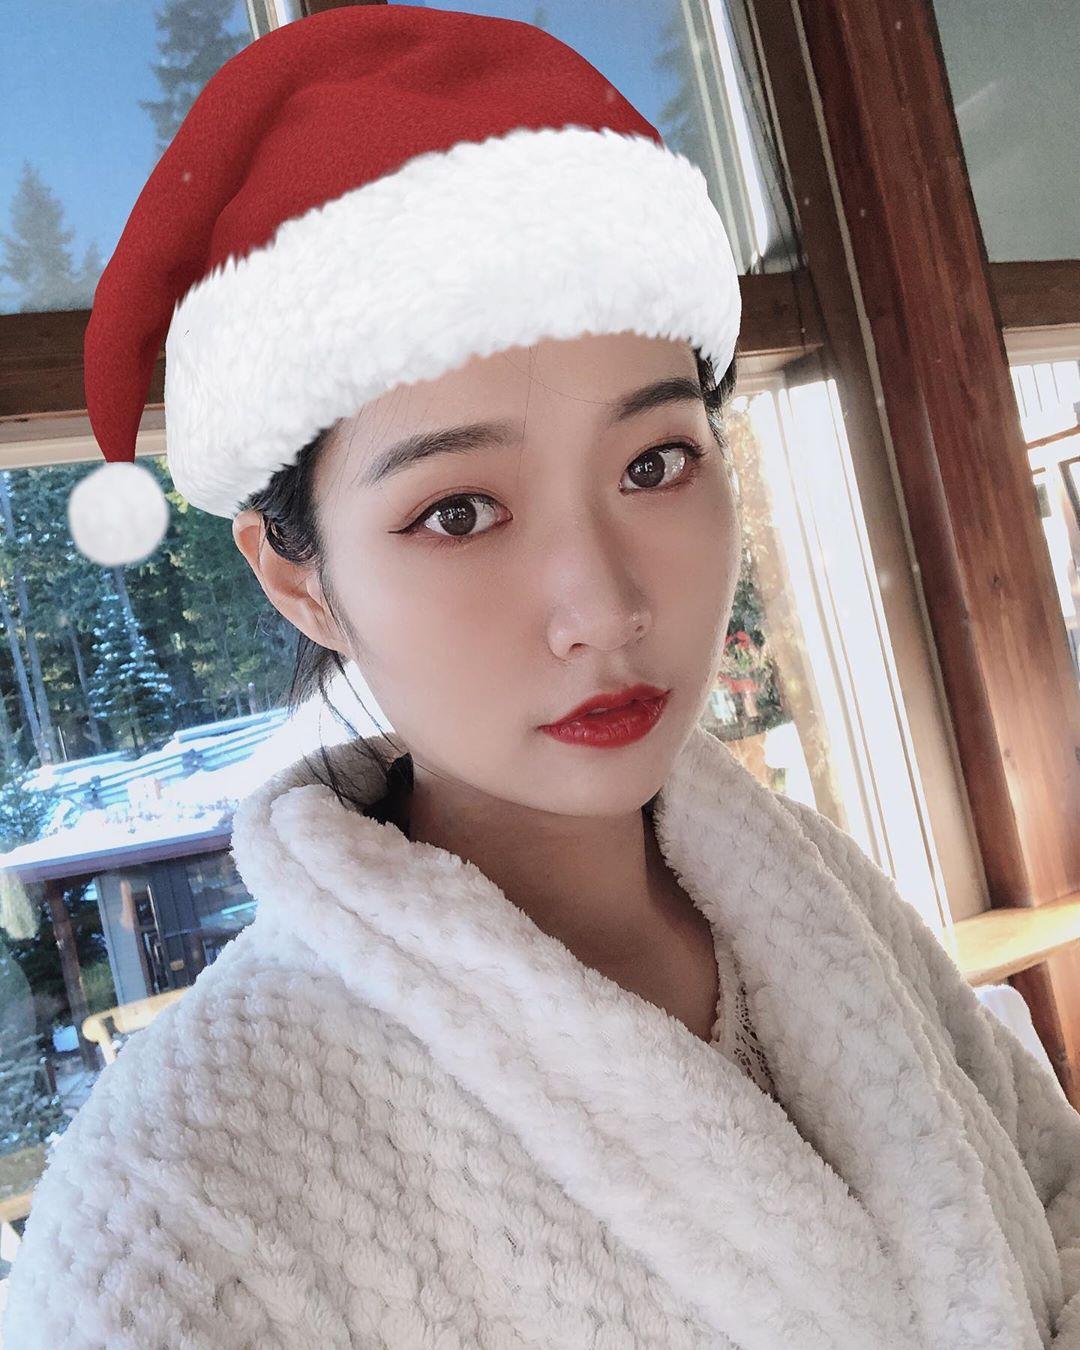 今年的聖誕節特別不一樣 Xu Zhou - 美女圖 -